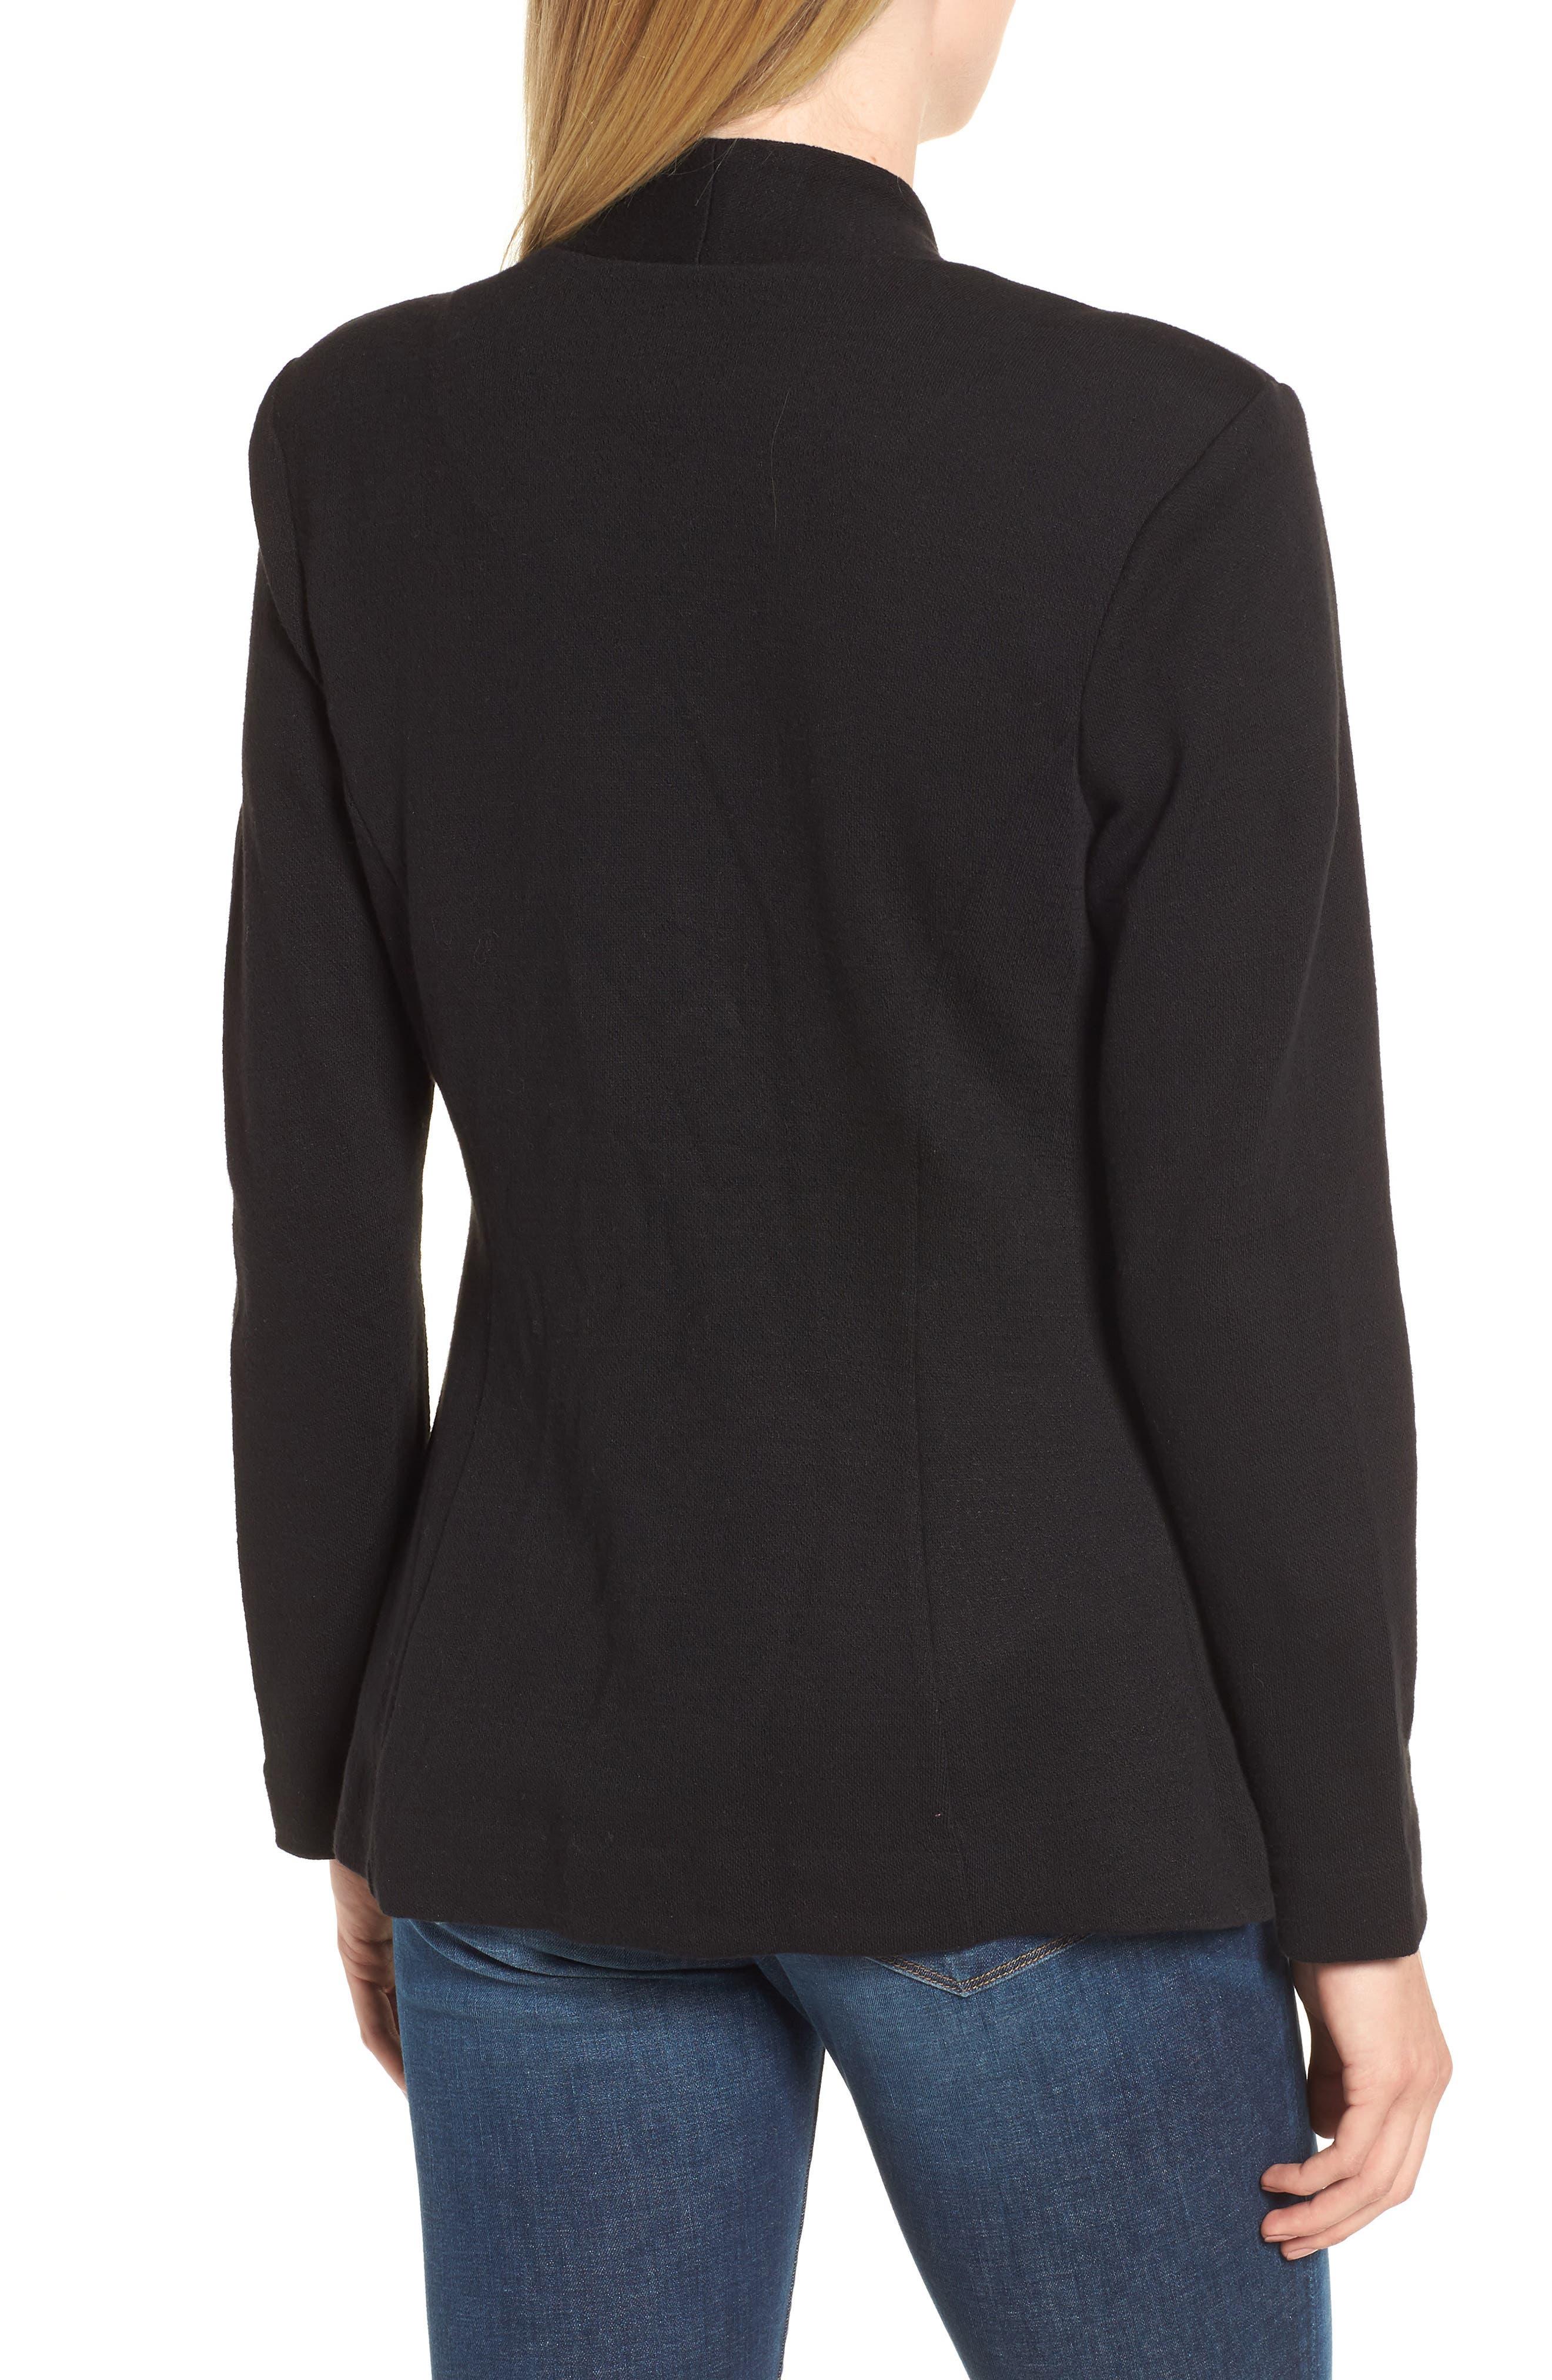 Sleek Jacket,                             Alternate thumbnail 2, color,                             BLACK ONYX